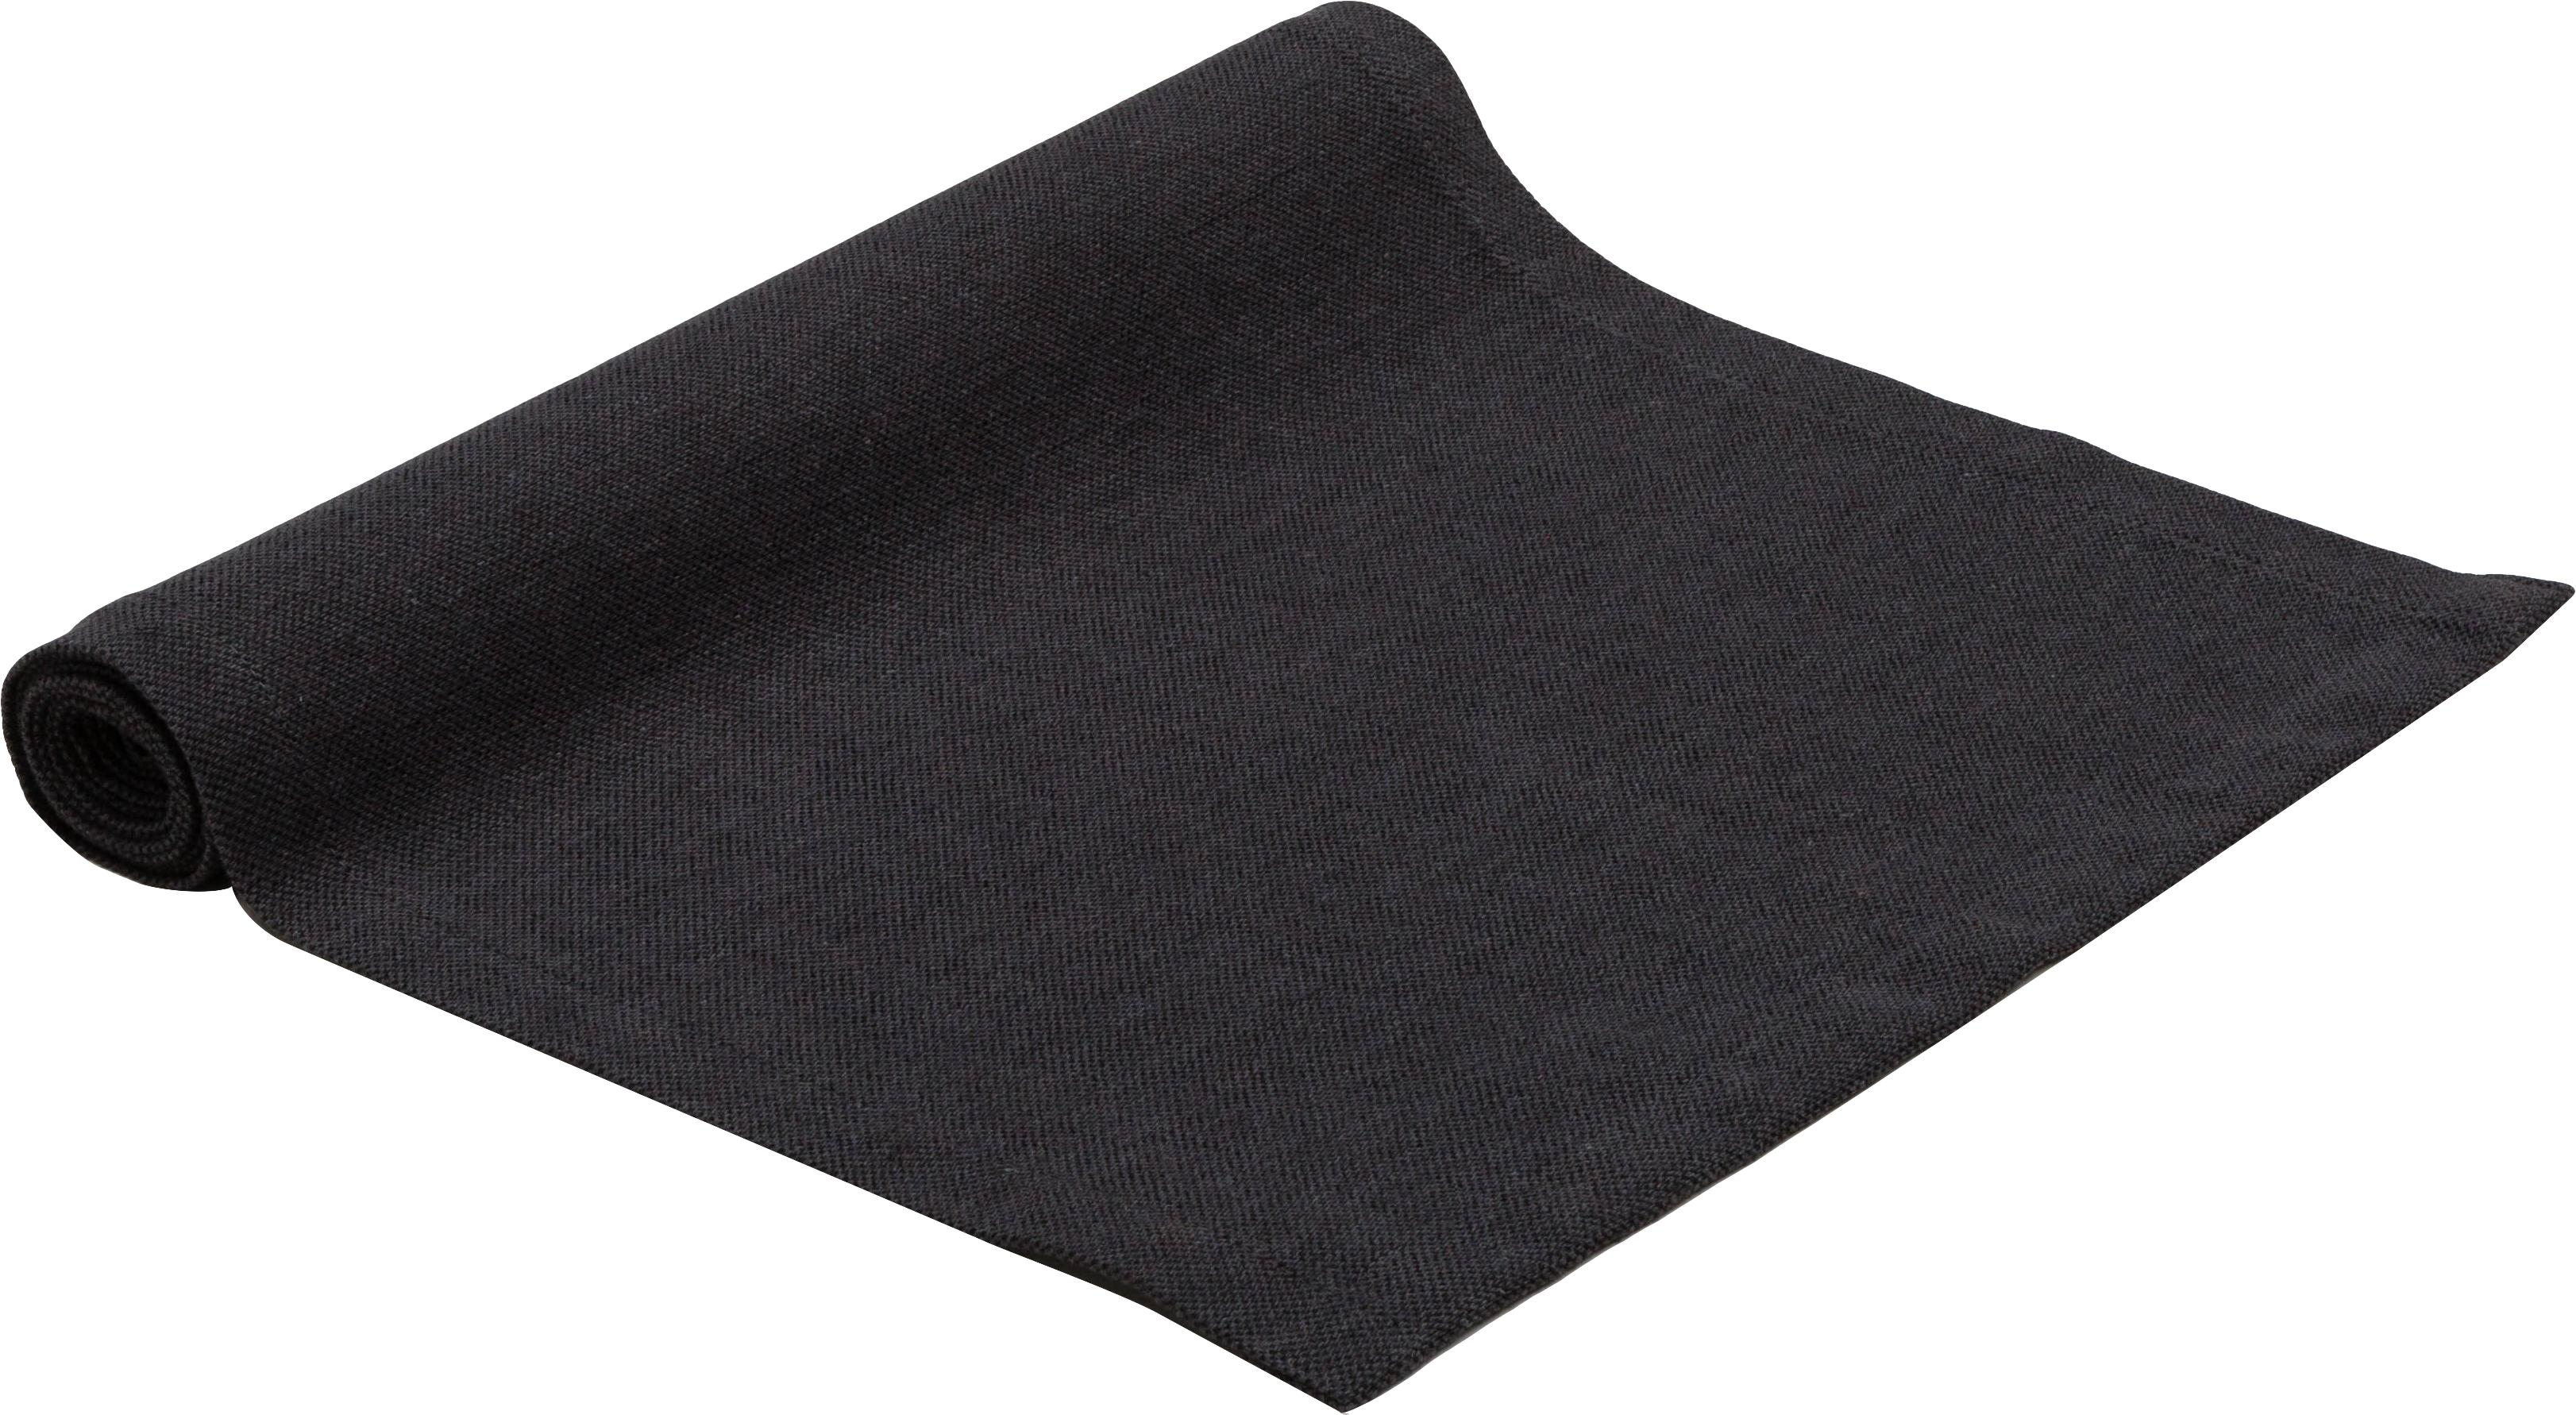 Bieżnik Riva, 55%bawełna, 45%poliester, Antracytowy, S 40 x D 150 cm